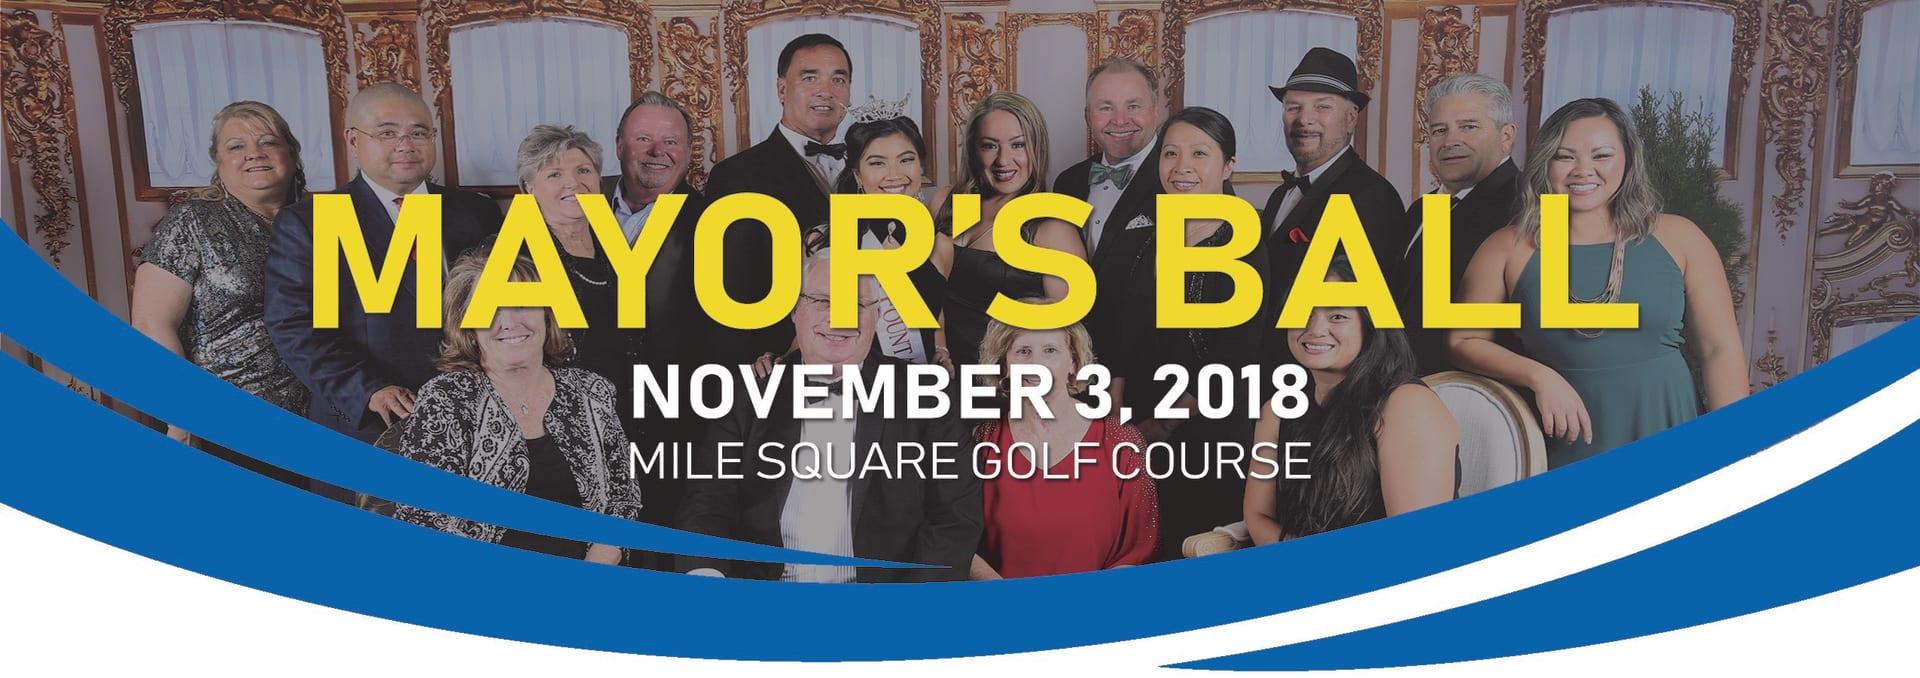 2018 Mayor's Ball